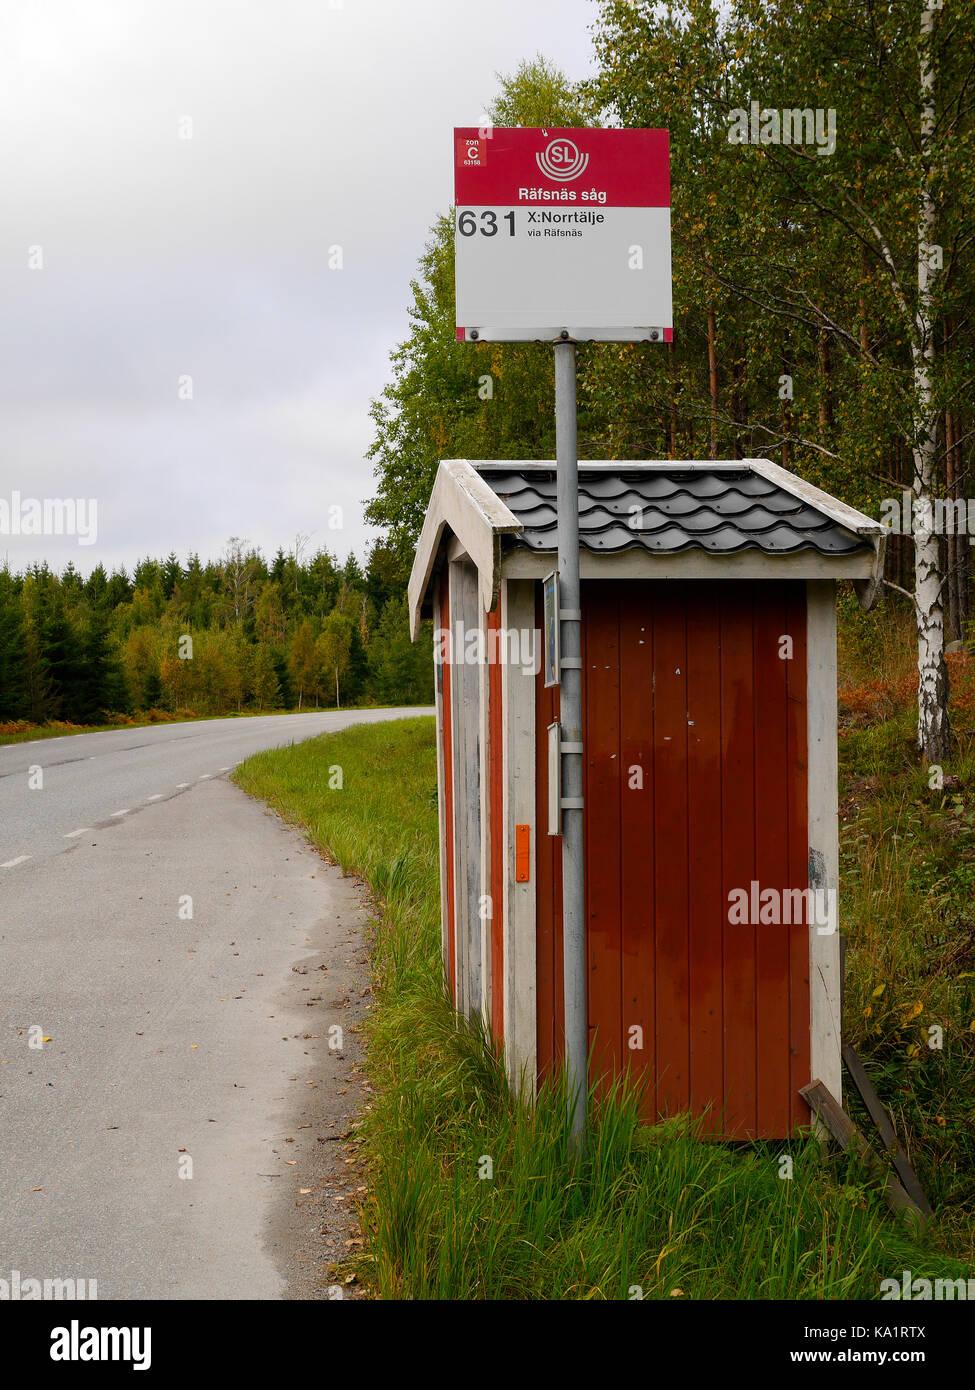 Arrêt de bus à l'extérieur de Räfsnäs såg, près de Gräddö, Rådmansö dans l'archipel de Roslagen à Stockholm, Suède, Europe. Banque D'Images